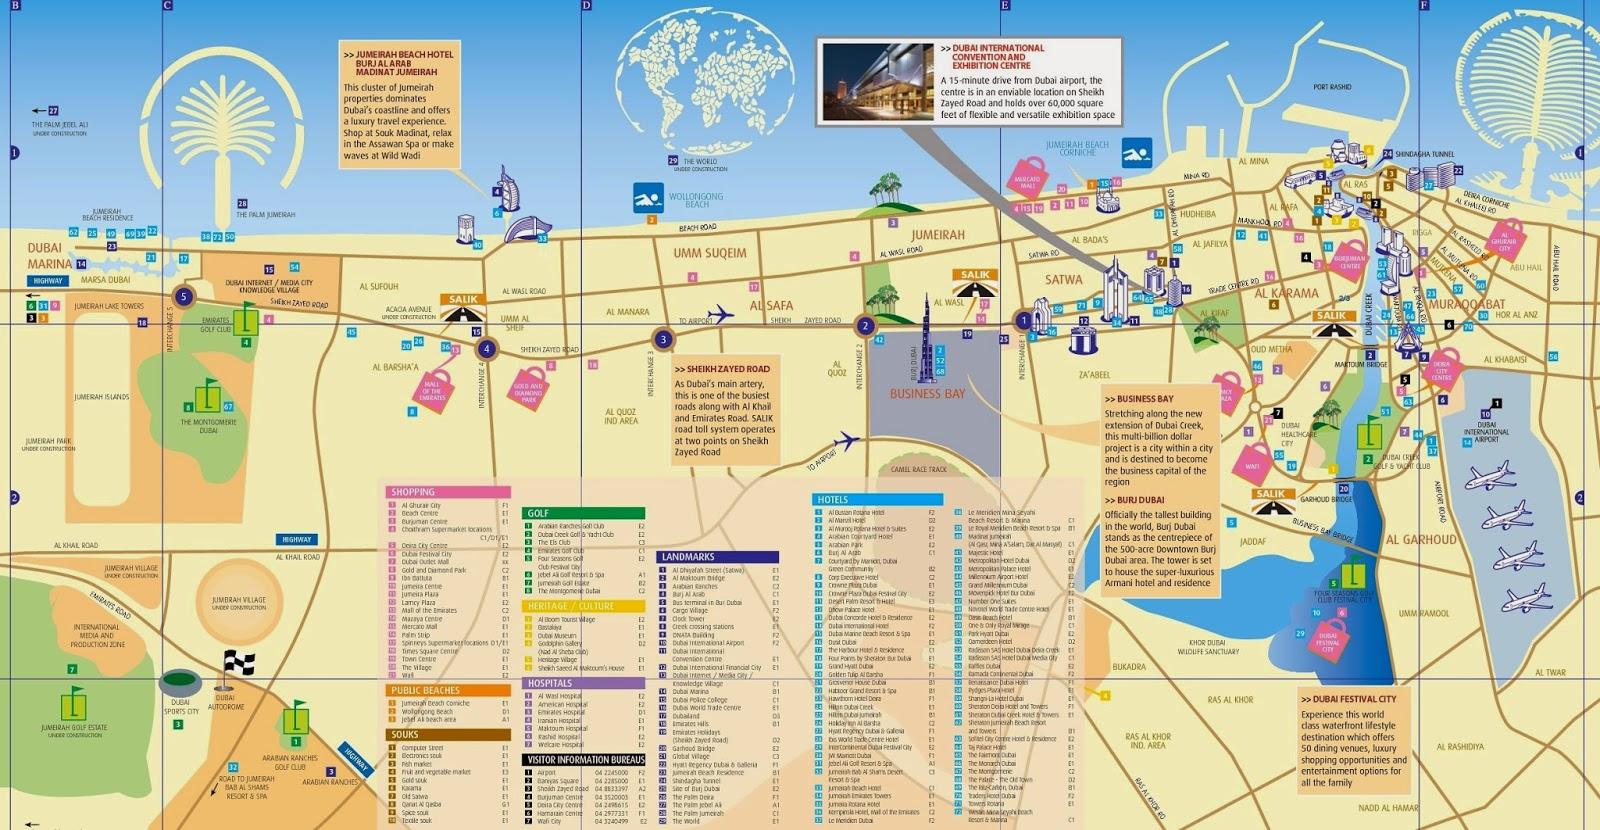 Attractive Destinations in Dubai - map